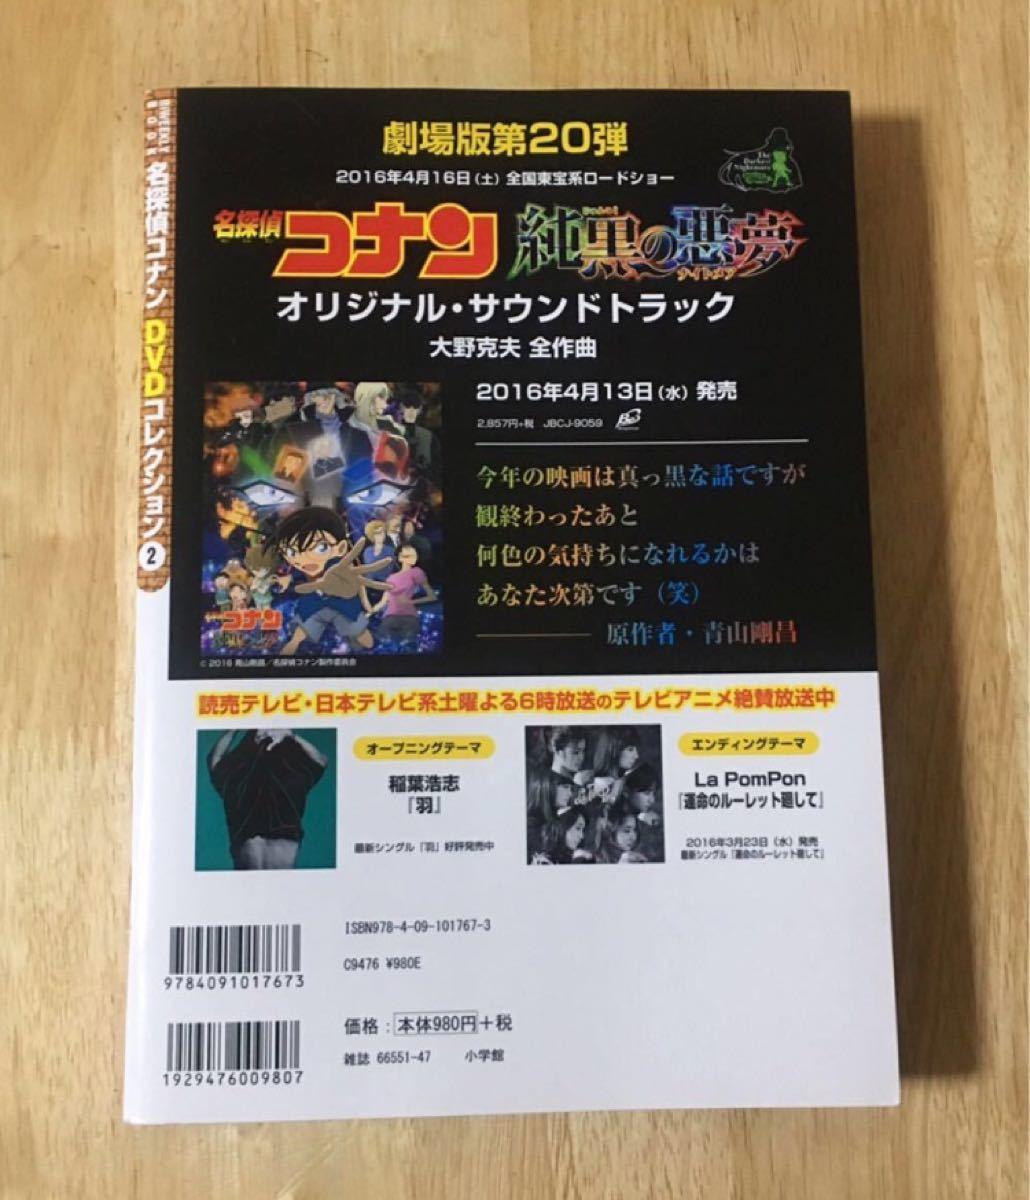 名探偵コナン DVDコレクション 毛利蘭